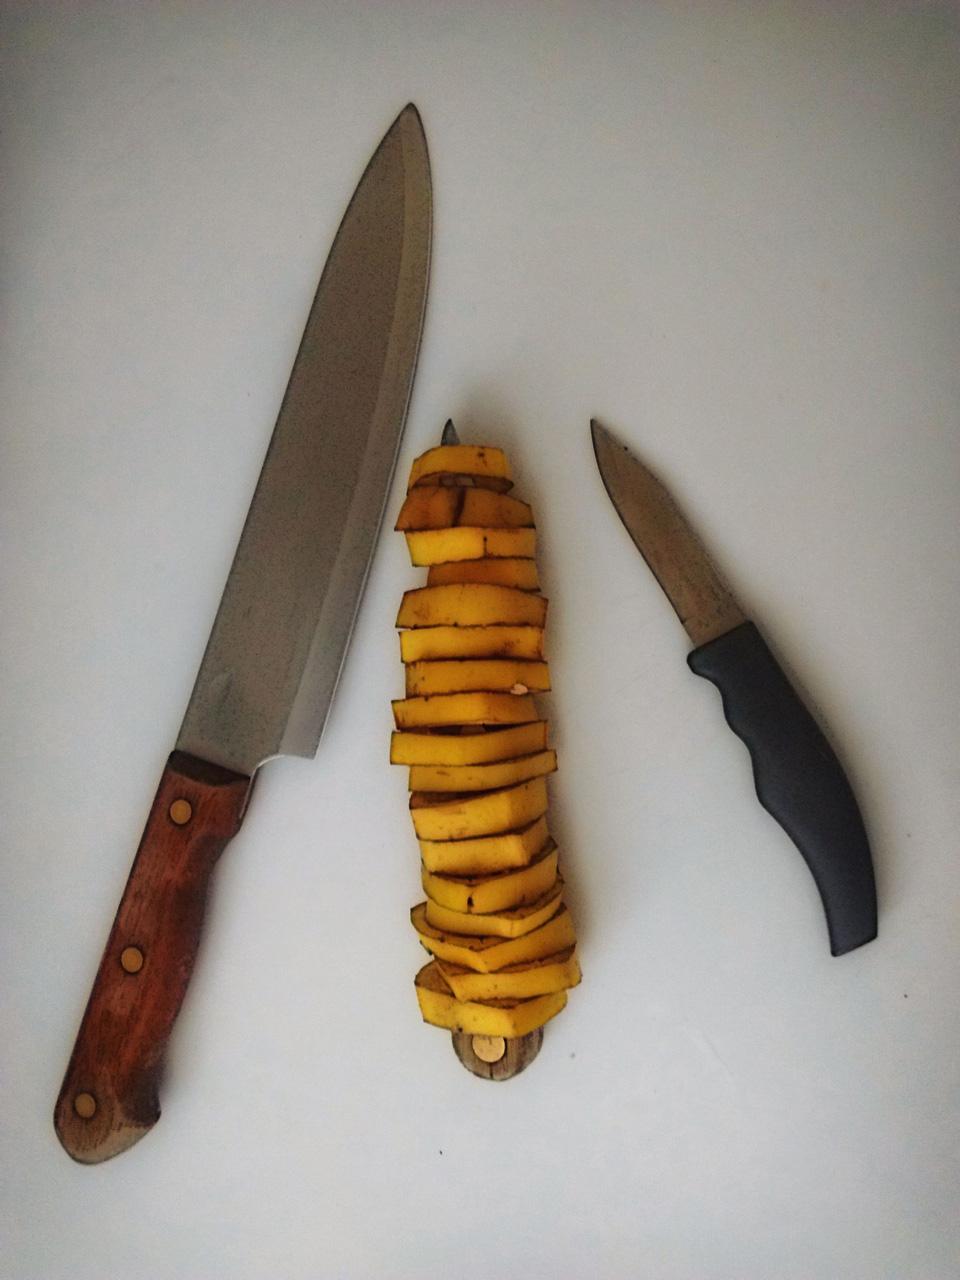 Banán és kések